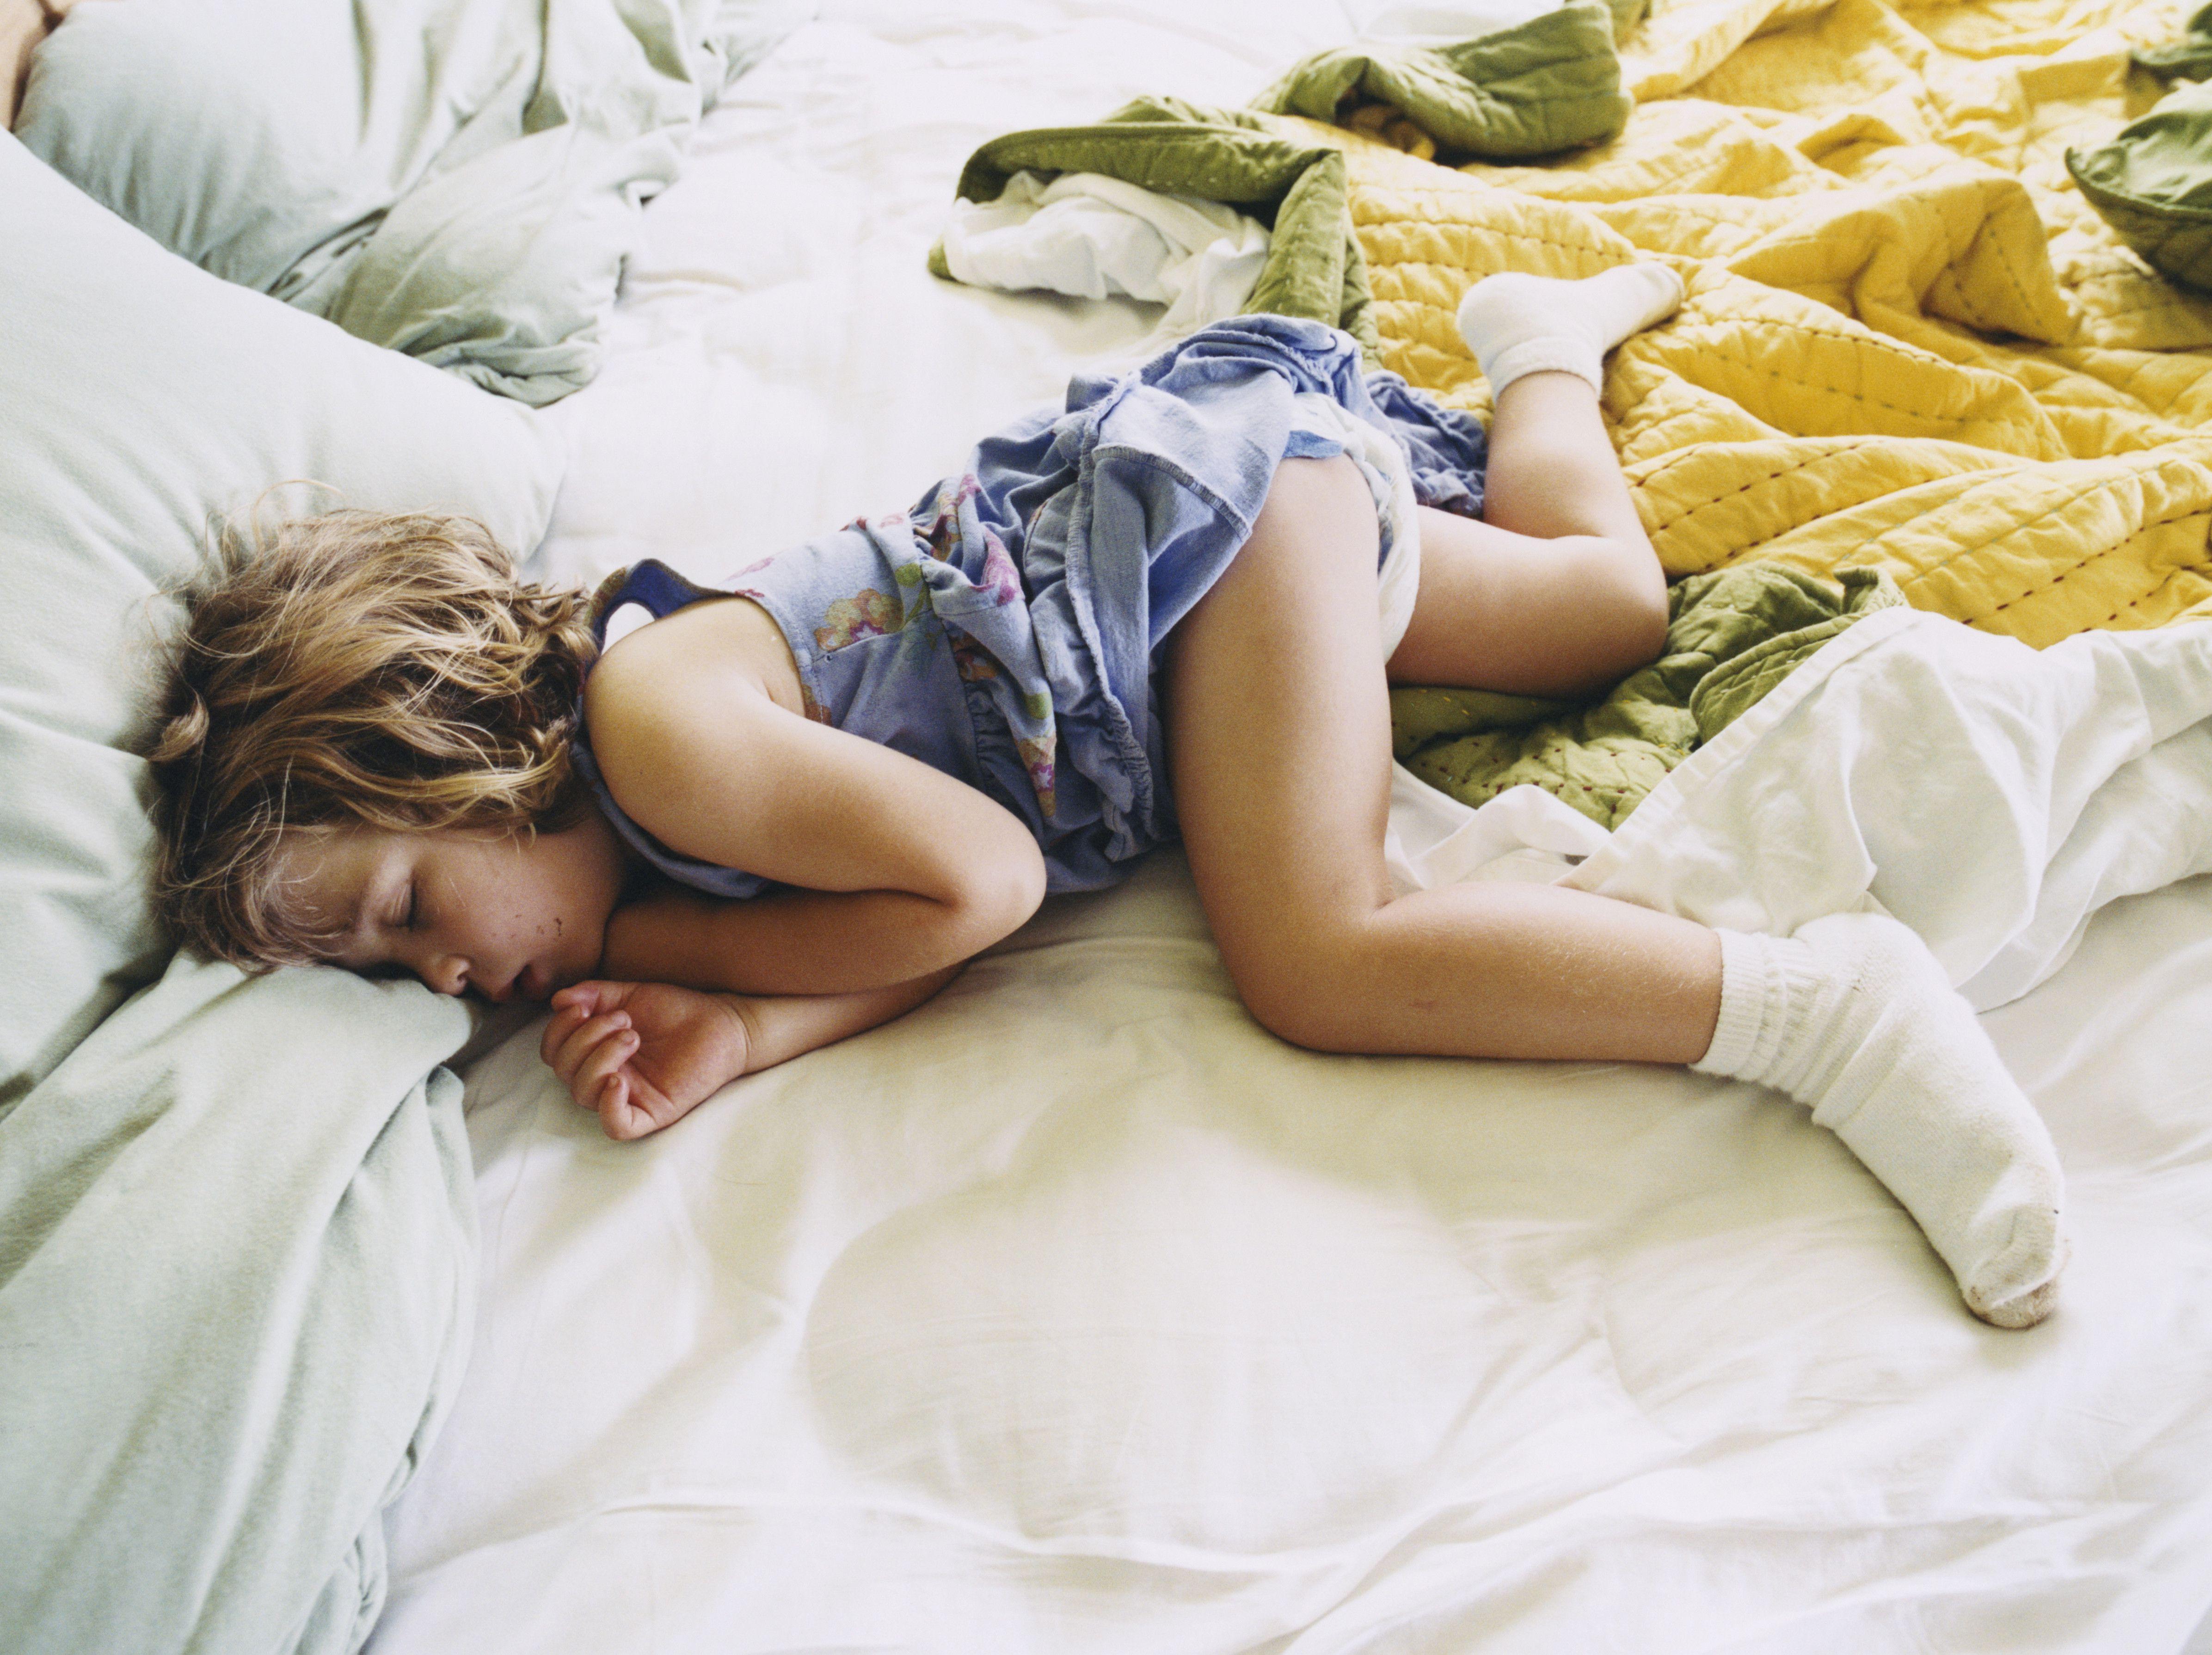 Young little girls sleeping naked pics — img 4